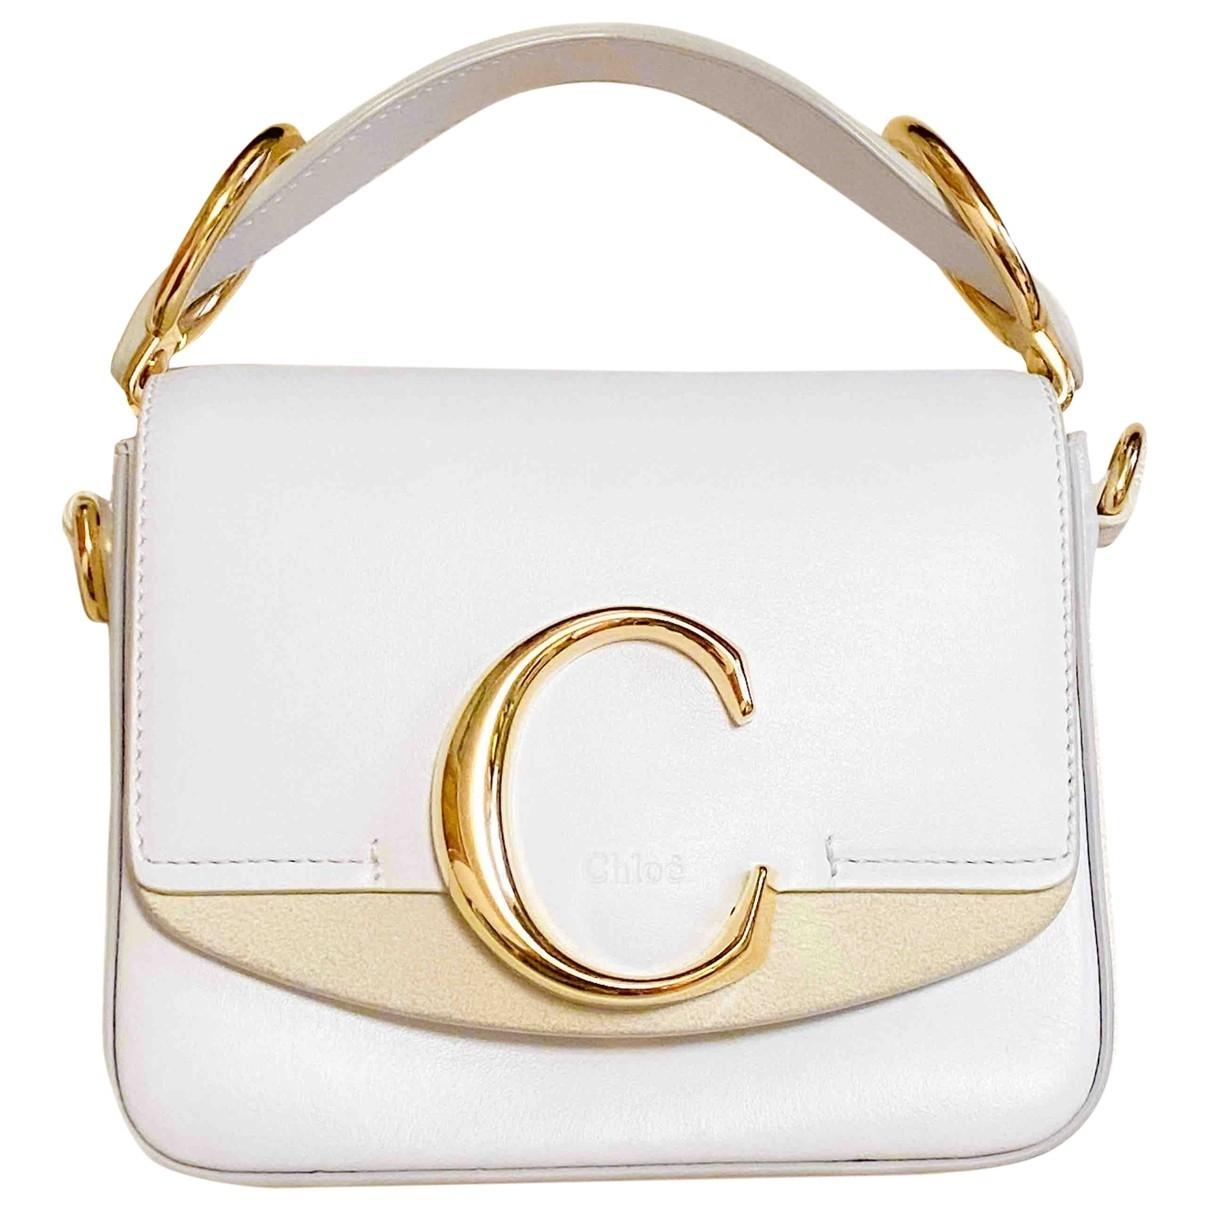 Chloe - Sac a main C pour femme en cuir - blanc